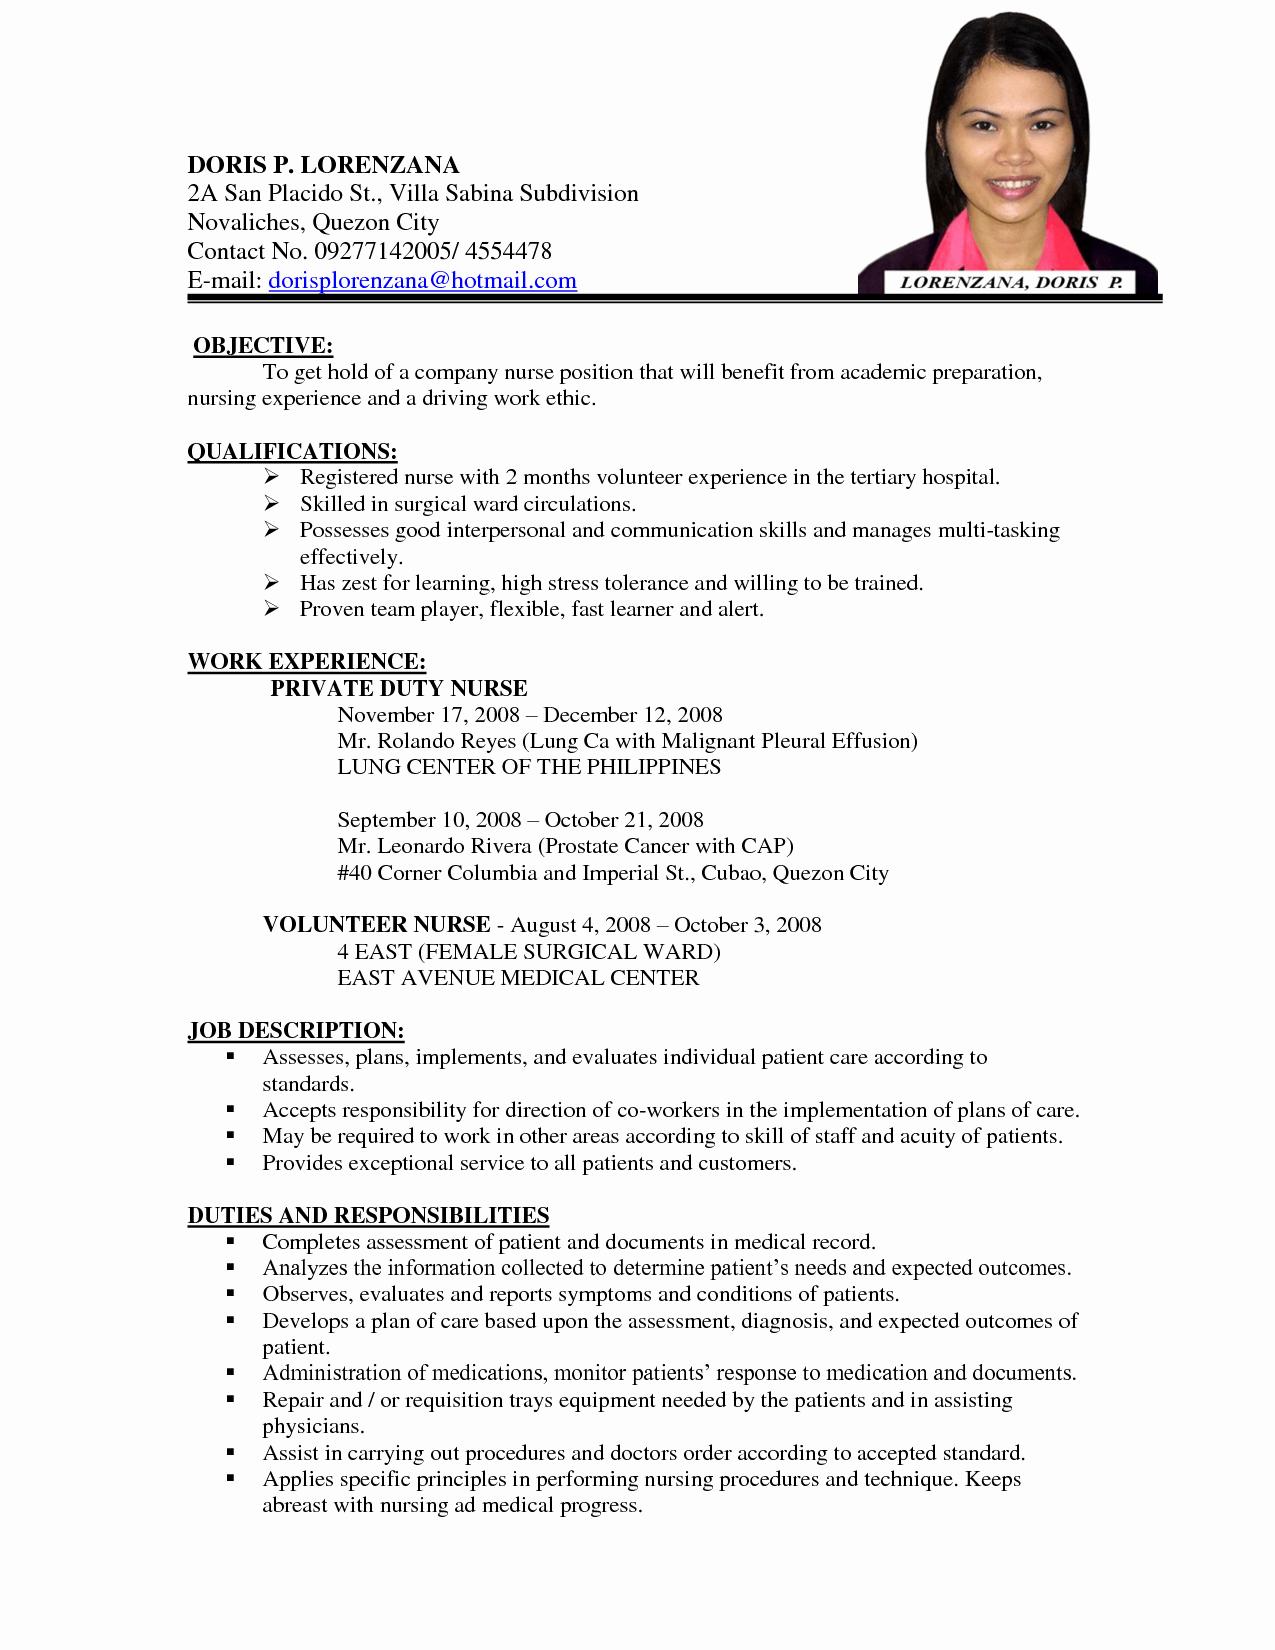 Sample Of Curriculum Vitae format Luxury Image Result for Curriculum Vitae format for A Nurse